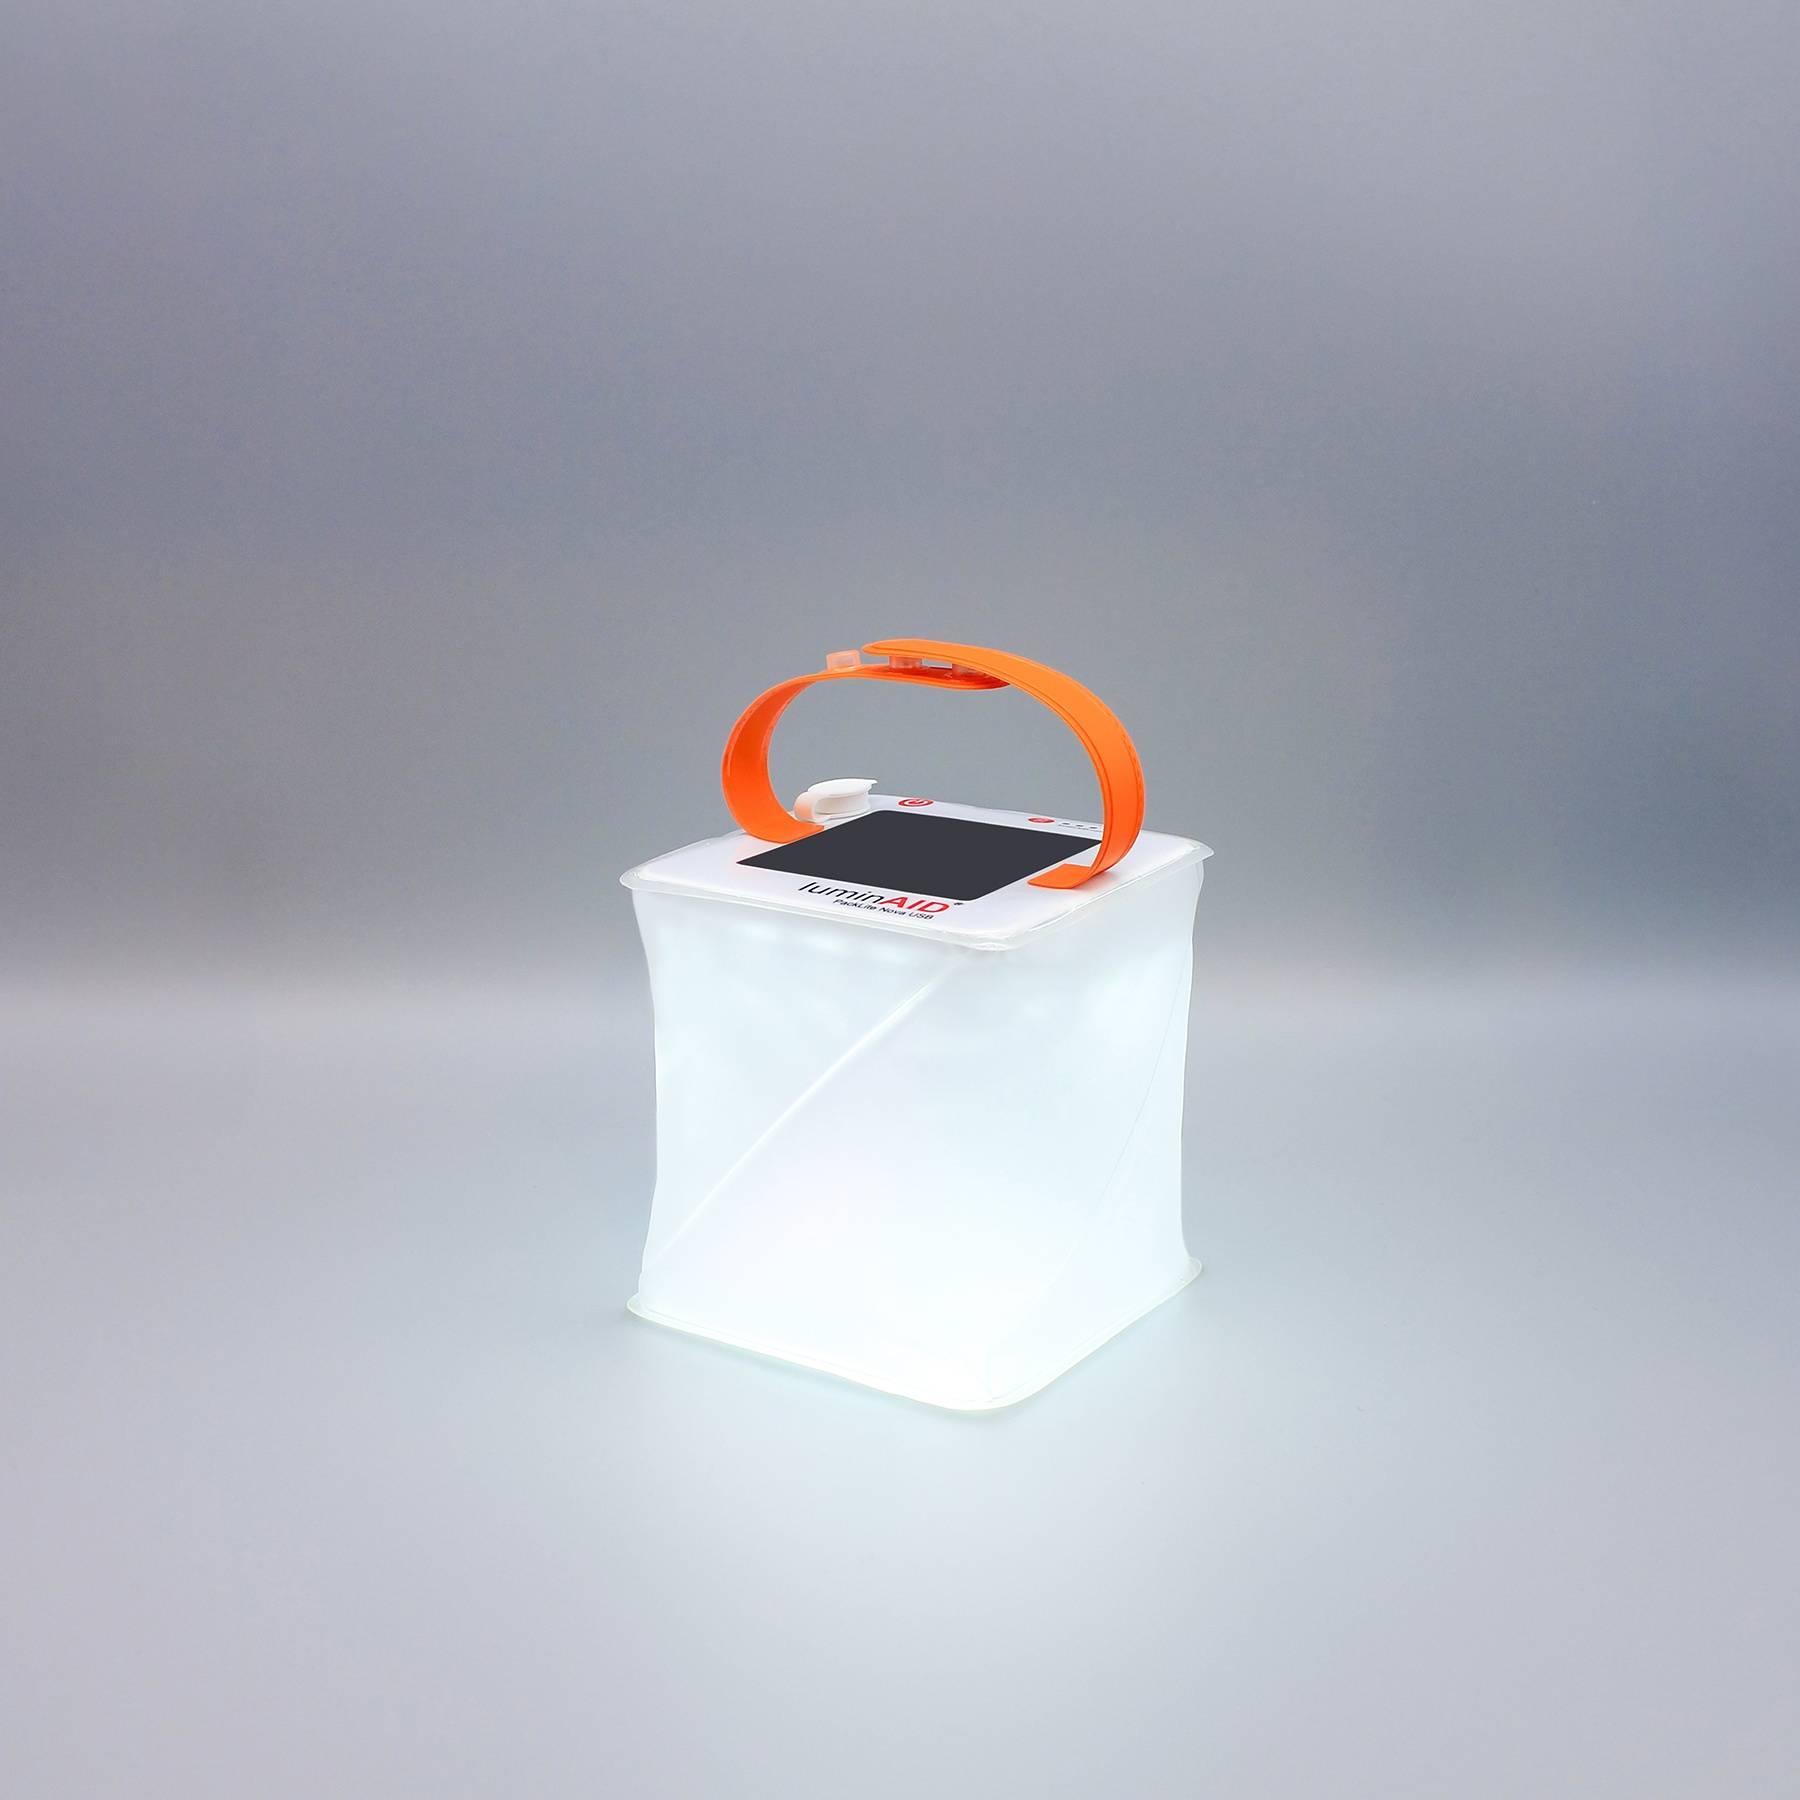 Nova USB solar lantern.